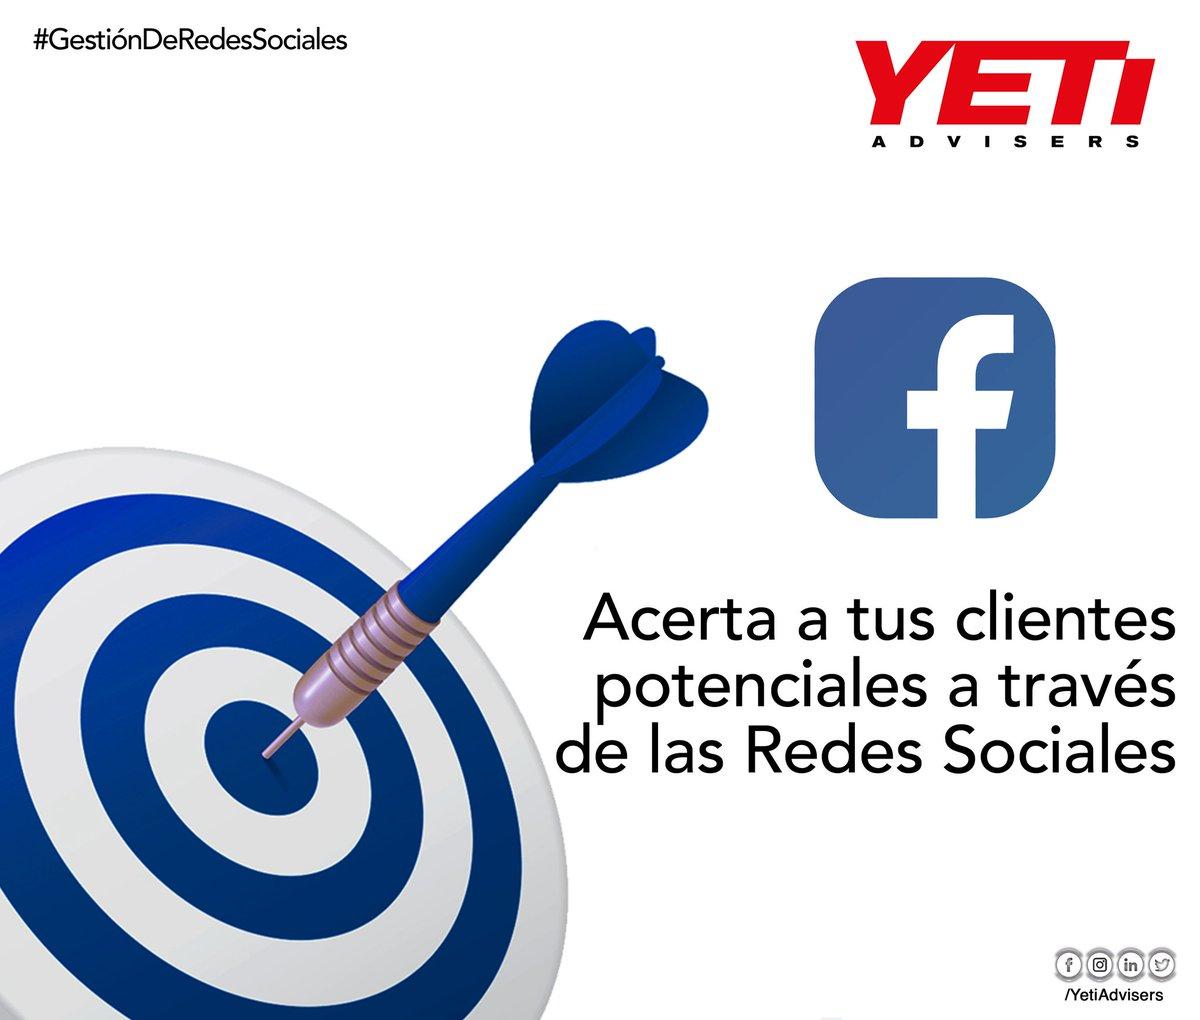 En nosotros tienes un aliado estratégico de diseño y estrategias de MK Digital para potencializar tu marca y llevarla a otro nivel. Escríbenos y cotiza tu plan de social media con nosotros.  #redessociales #guatemala #facebook #instagram #teamyeti #gestion https://t.co/2ipbZyXrwz